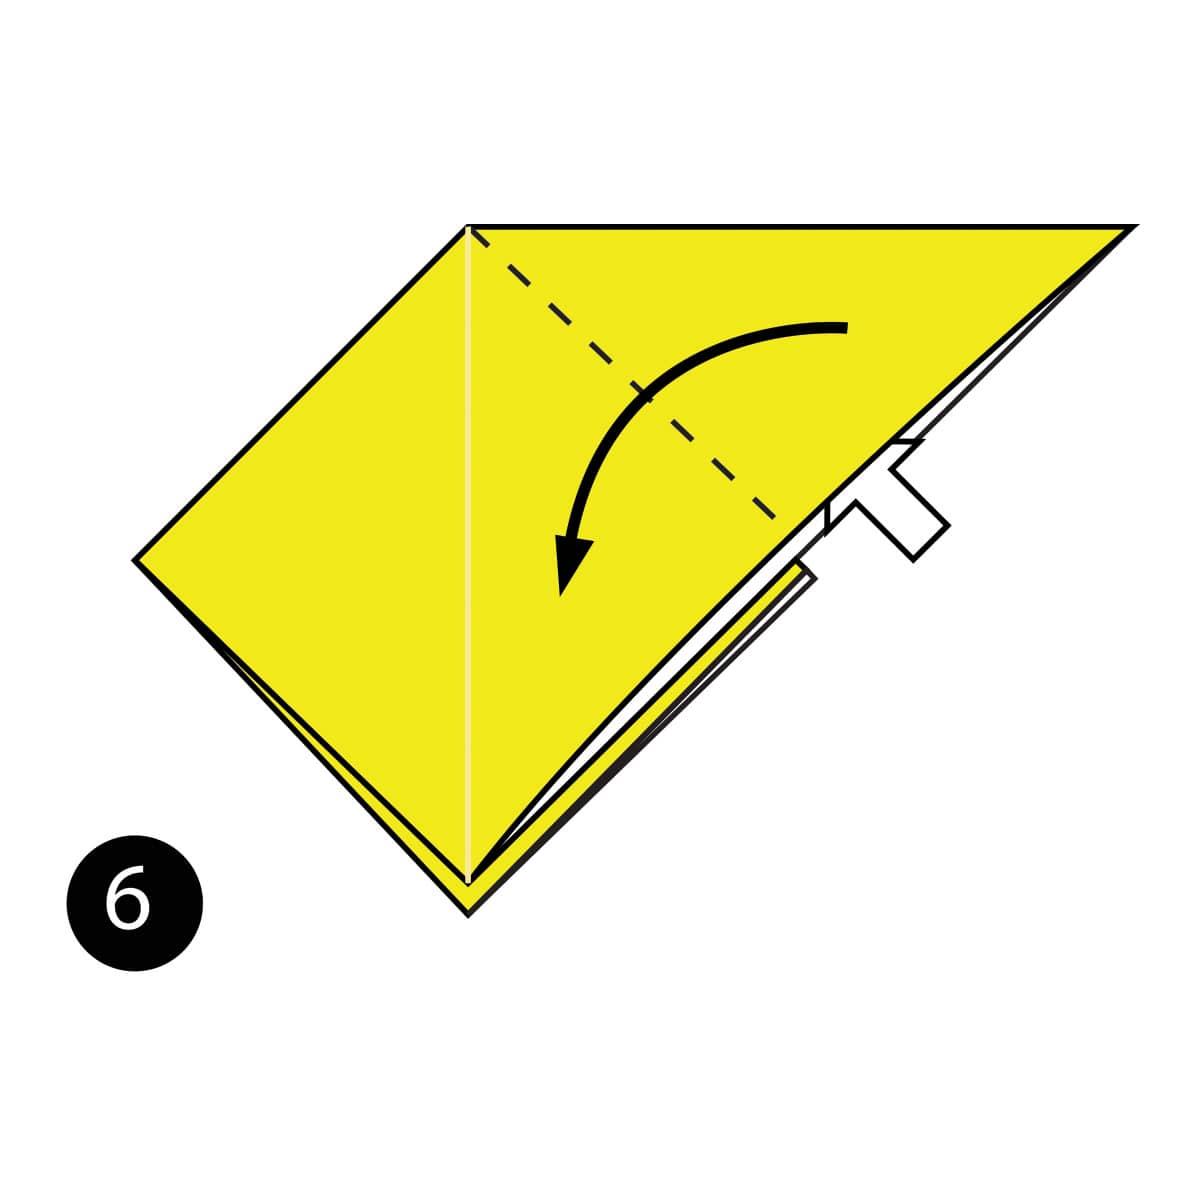 Star Box Step 6